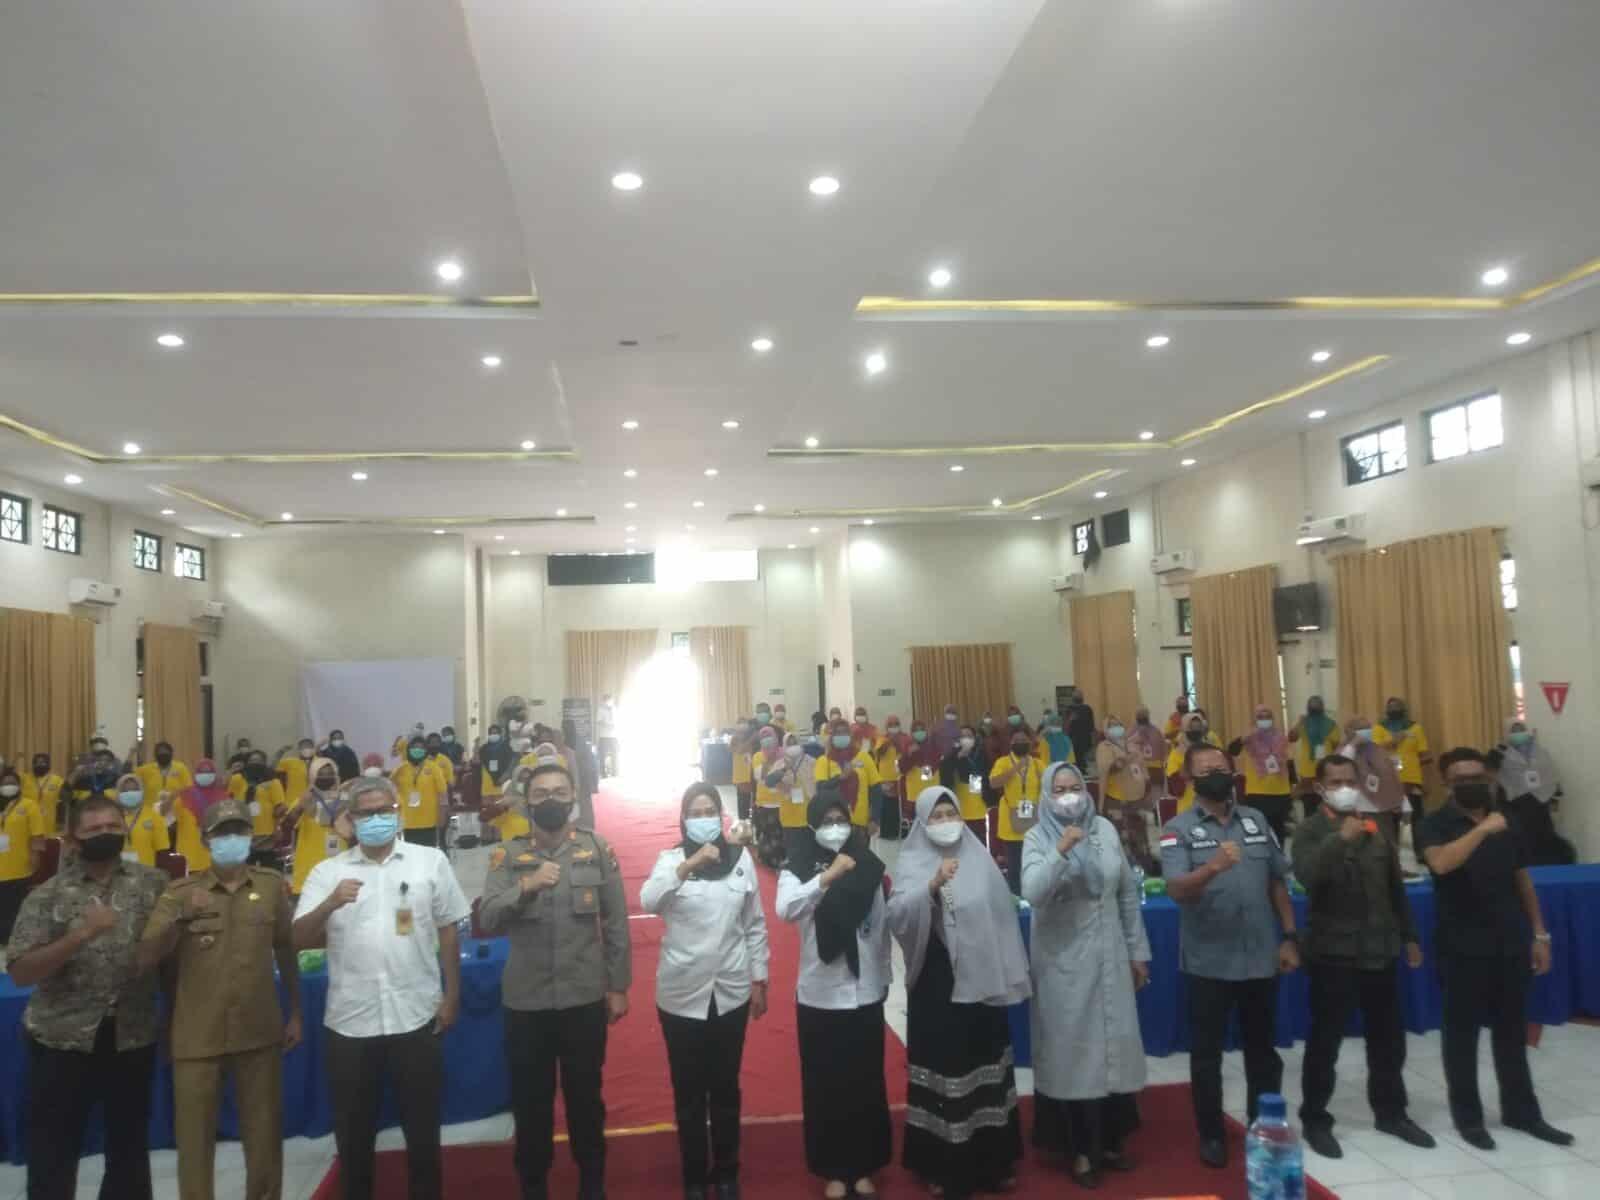 Kegiatan Pemberdayaan Alternatif melalui Wirausaha bagi Masyarakat Perkotaan pada Kawasan Rawan Narkoba di Provinsi Kepulauan Riau